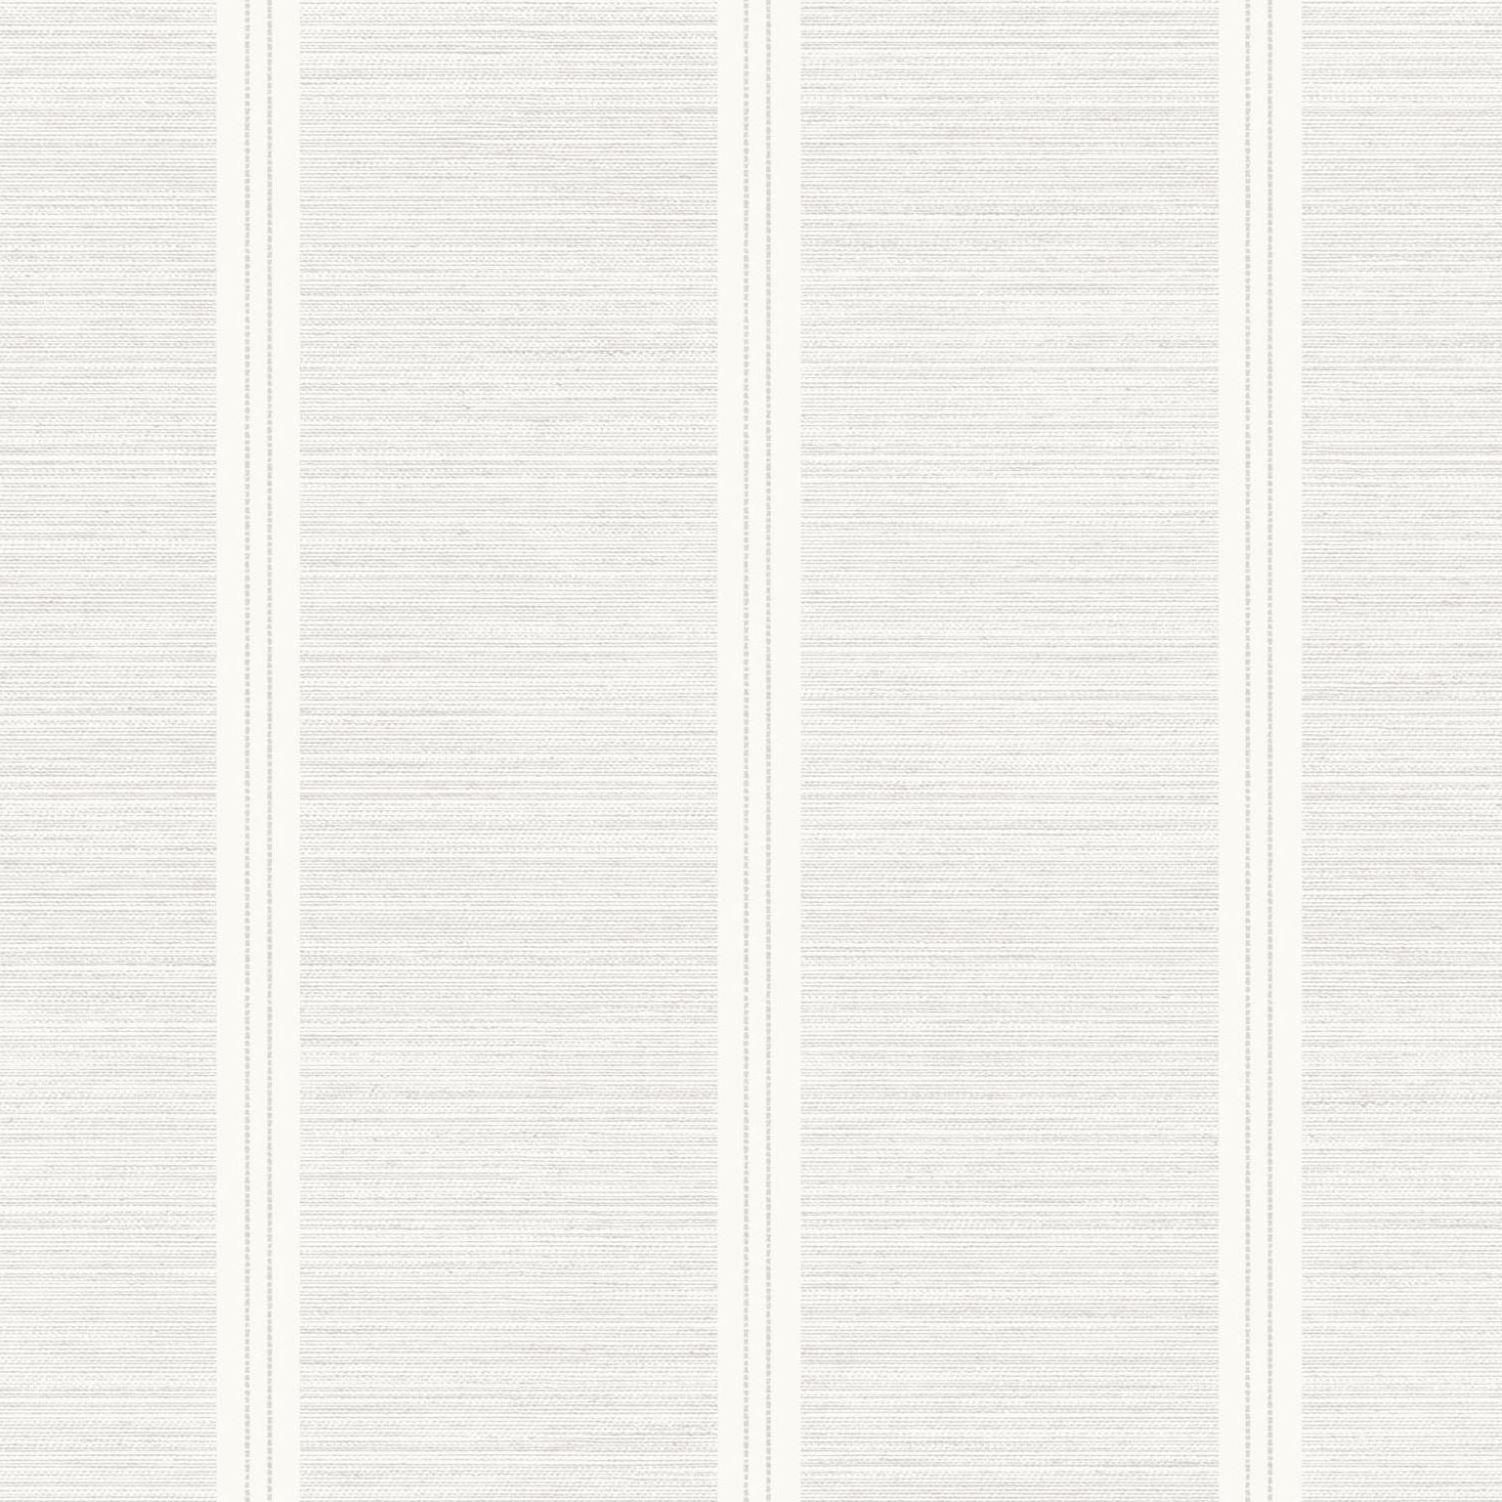 摩曼壁纸 产品类型:墙纸 市场价格:面议 兔友价格:面议 品  牌:瑞典图片